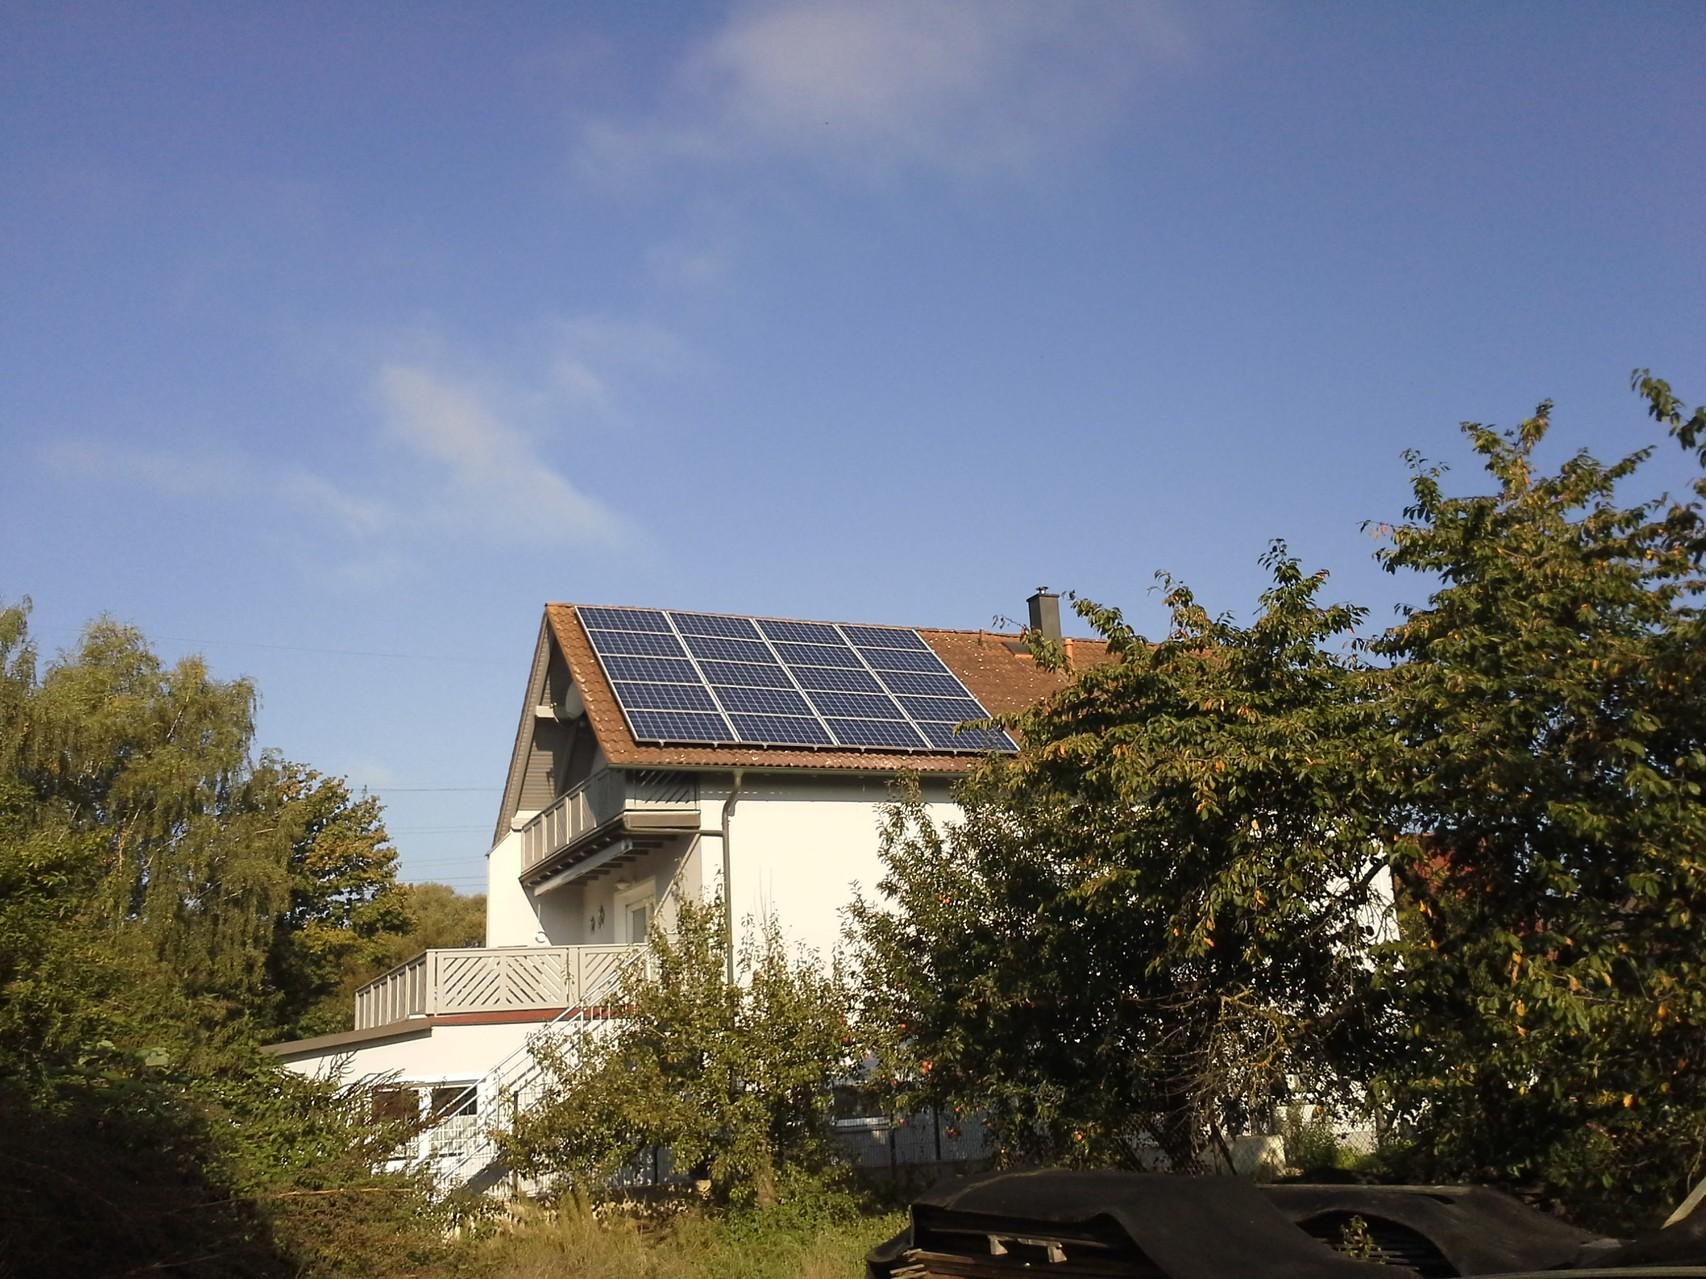 Phototovoltaikanlage 9,945 kWp in 94421 Schwandorf mit Solarwatt Glas/Glas Module 30 Jahre Garantie